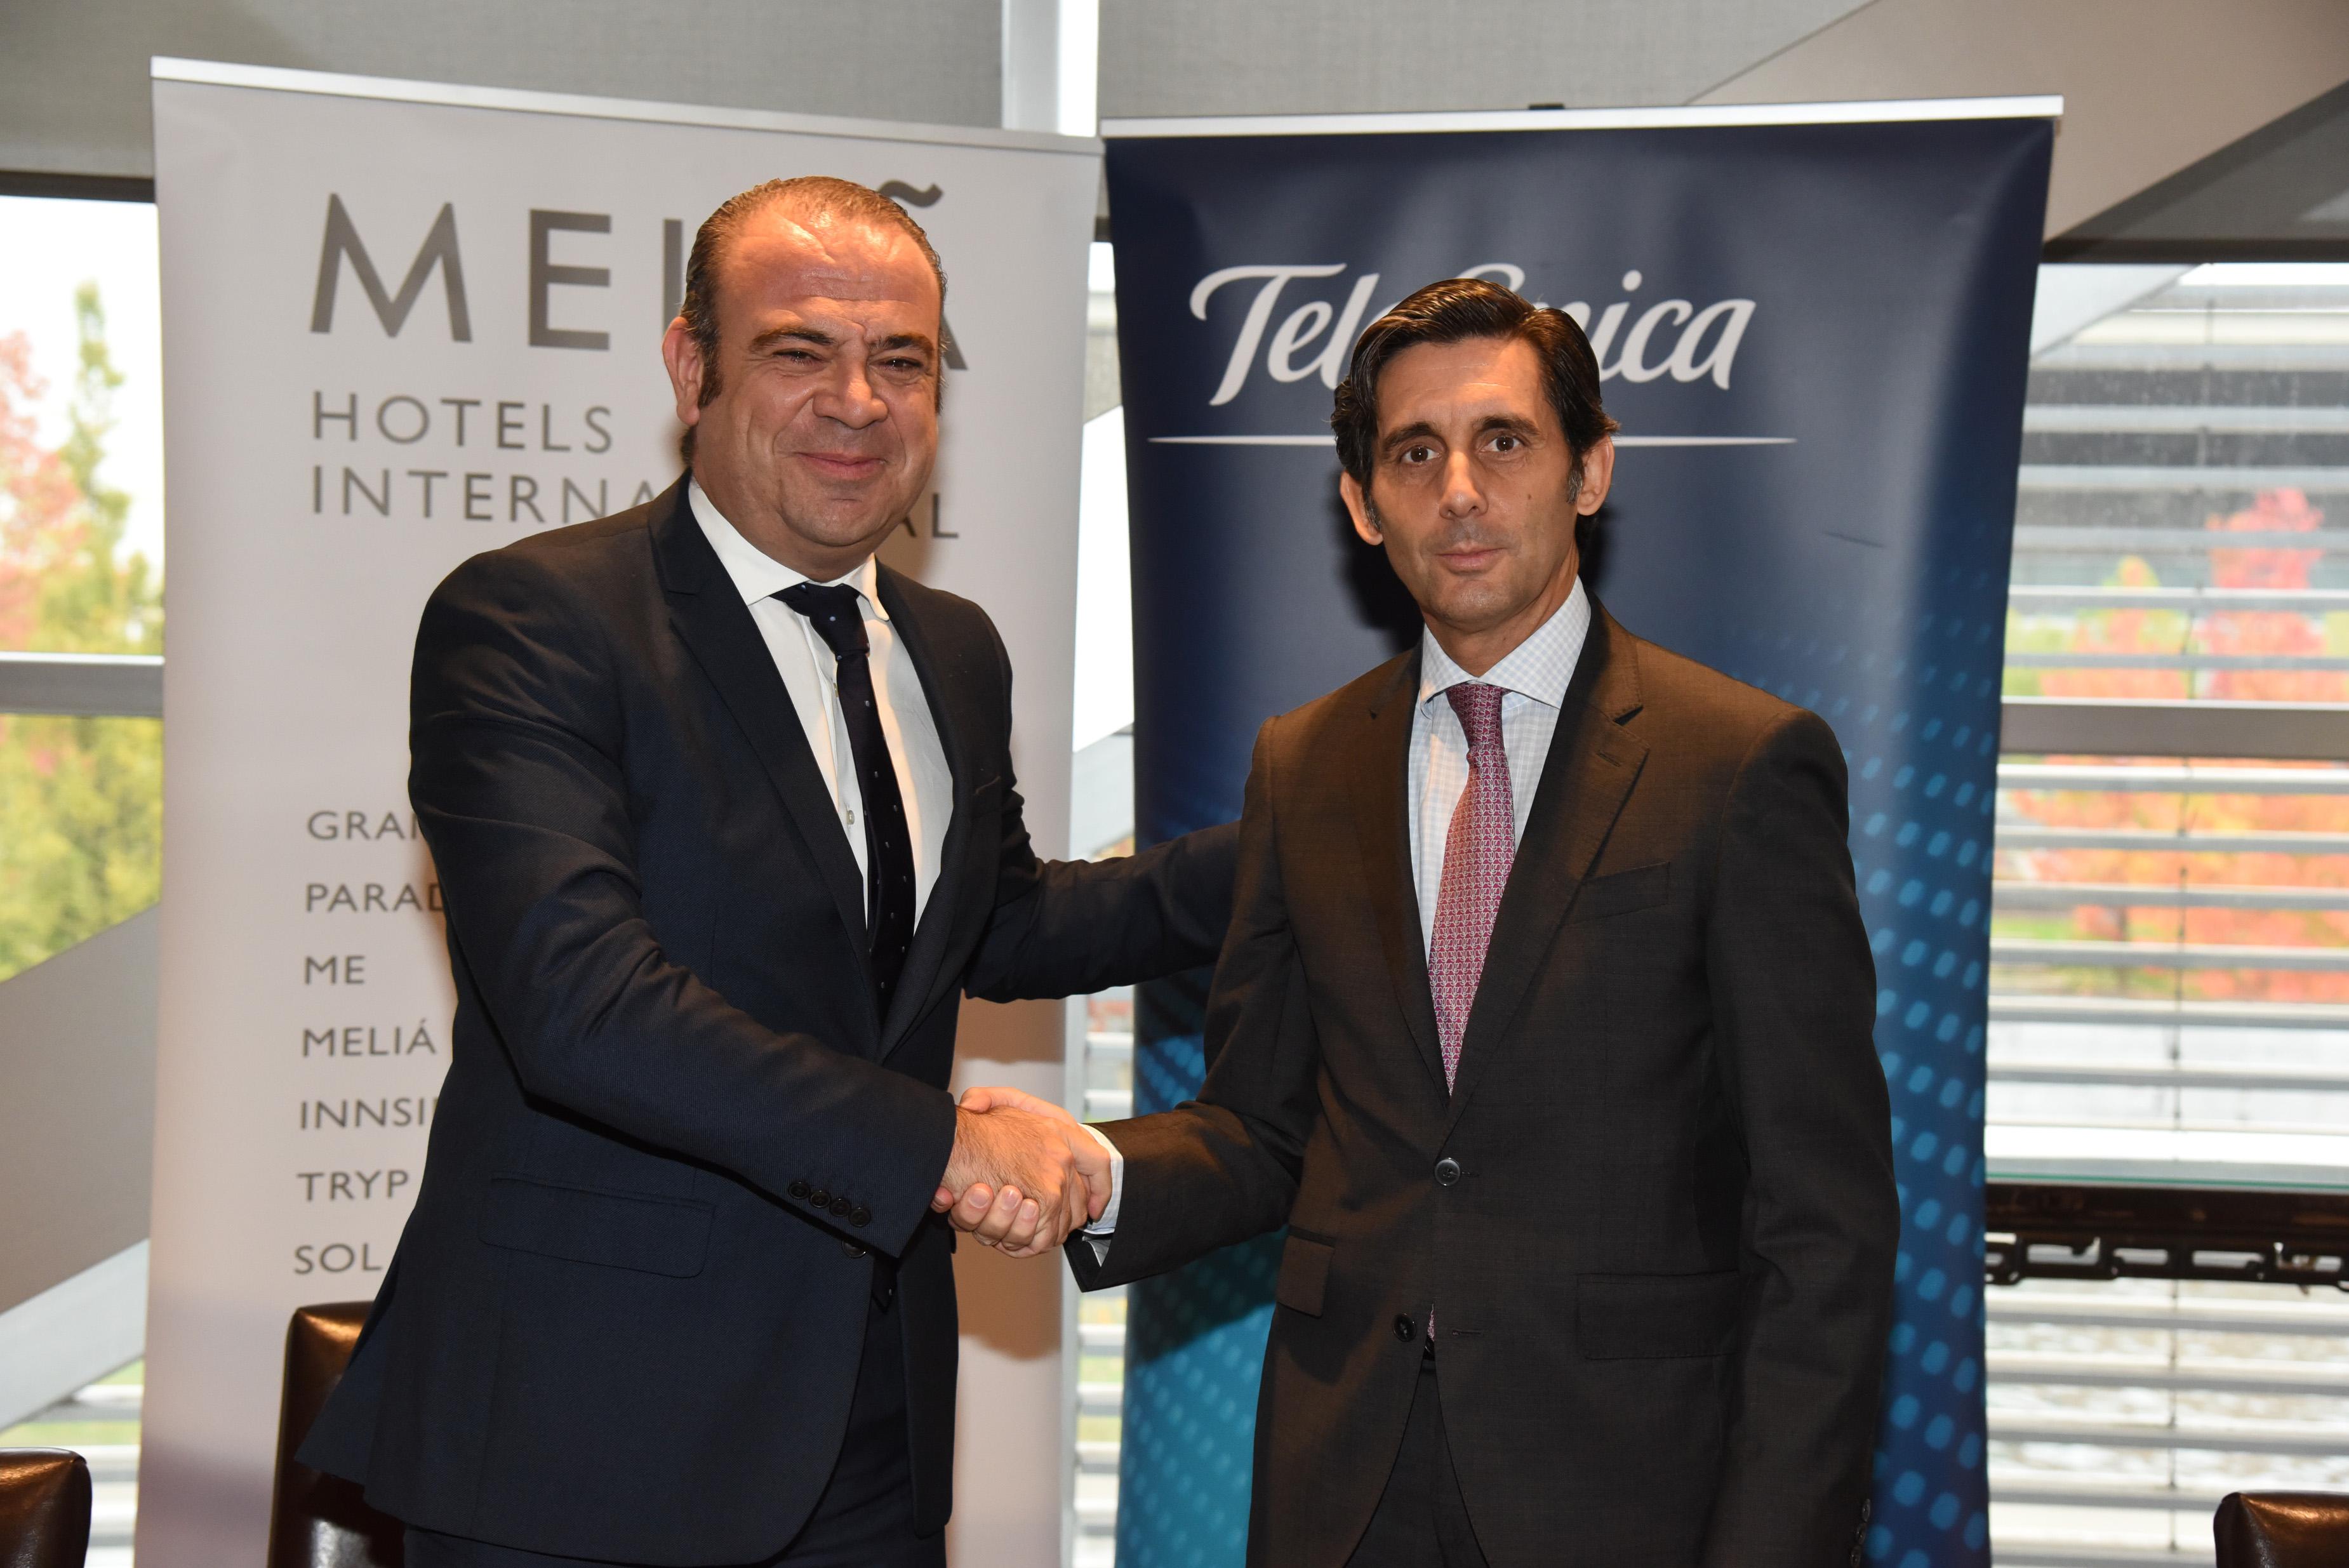 Telefónica se hace cargo de los servicios de operación de infraestructuras del Grupo Meliá en todo el mundo.